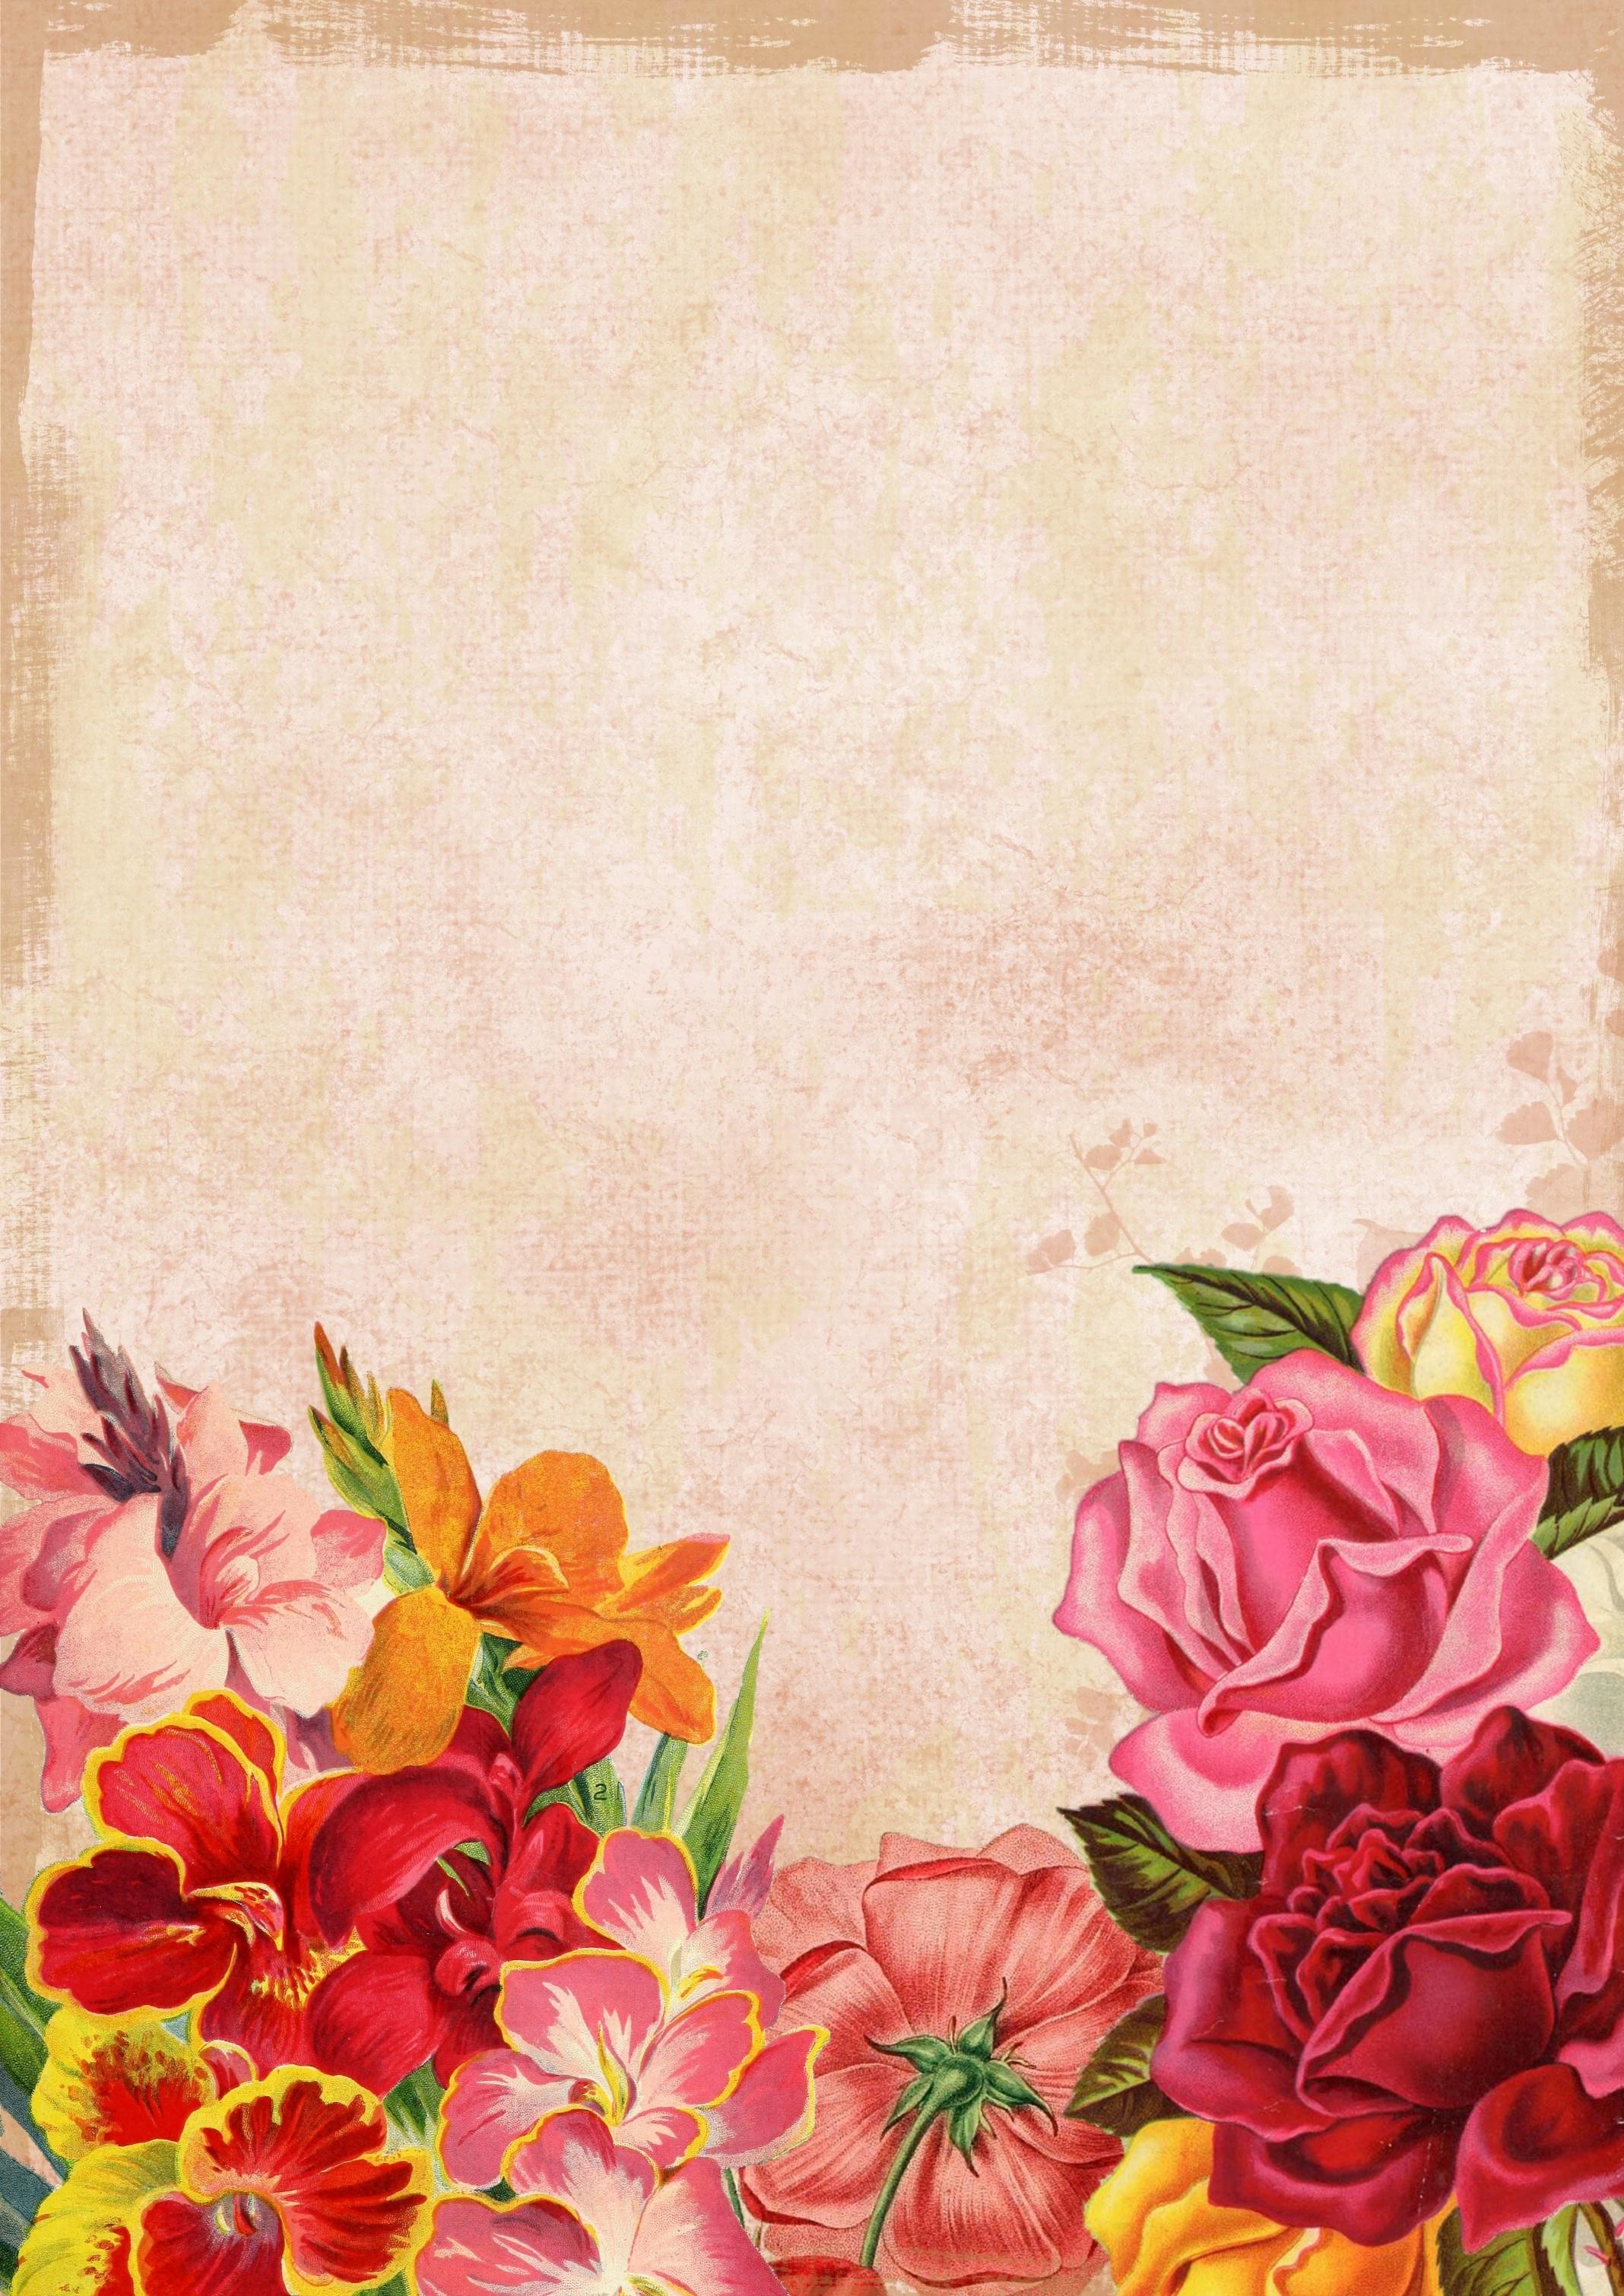 Фоны картинки открытки для поздравлений, картинкой вербным воскресенья